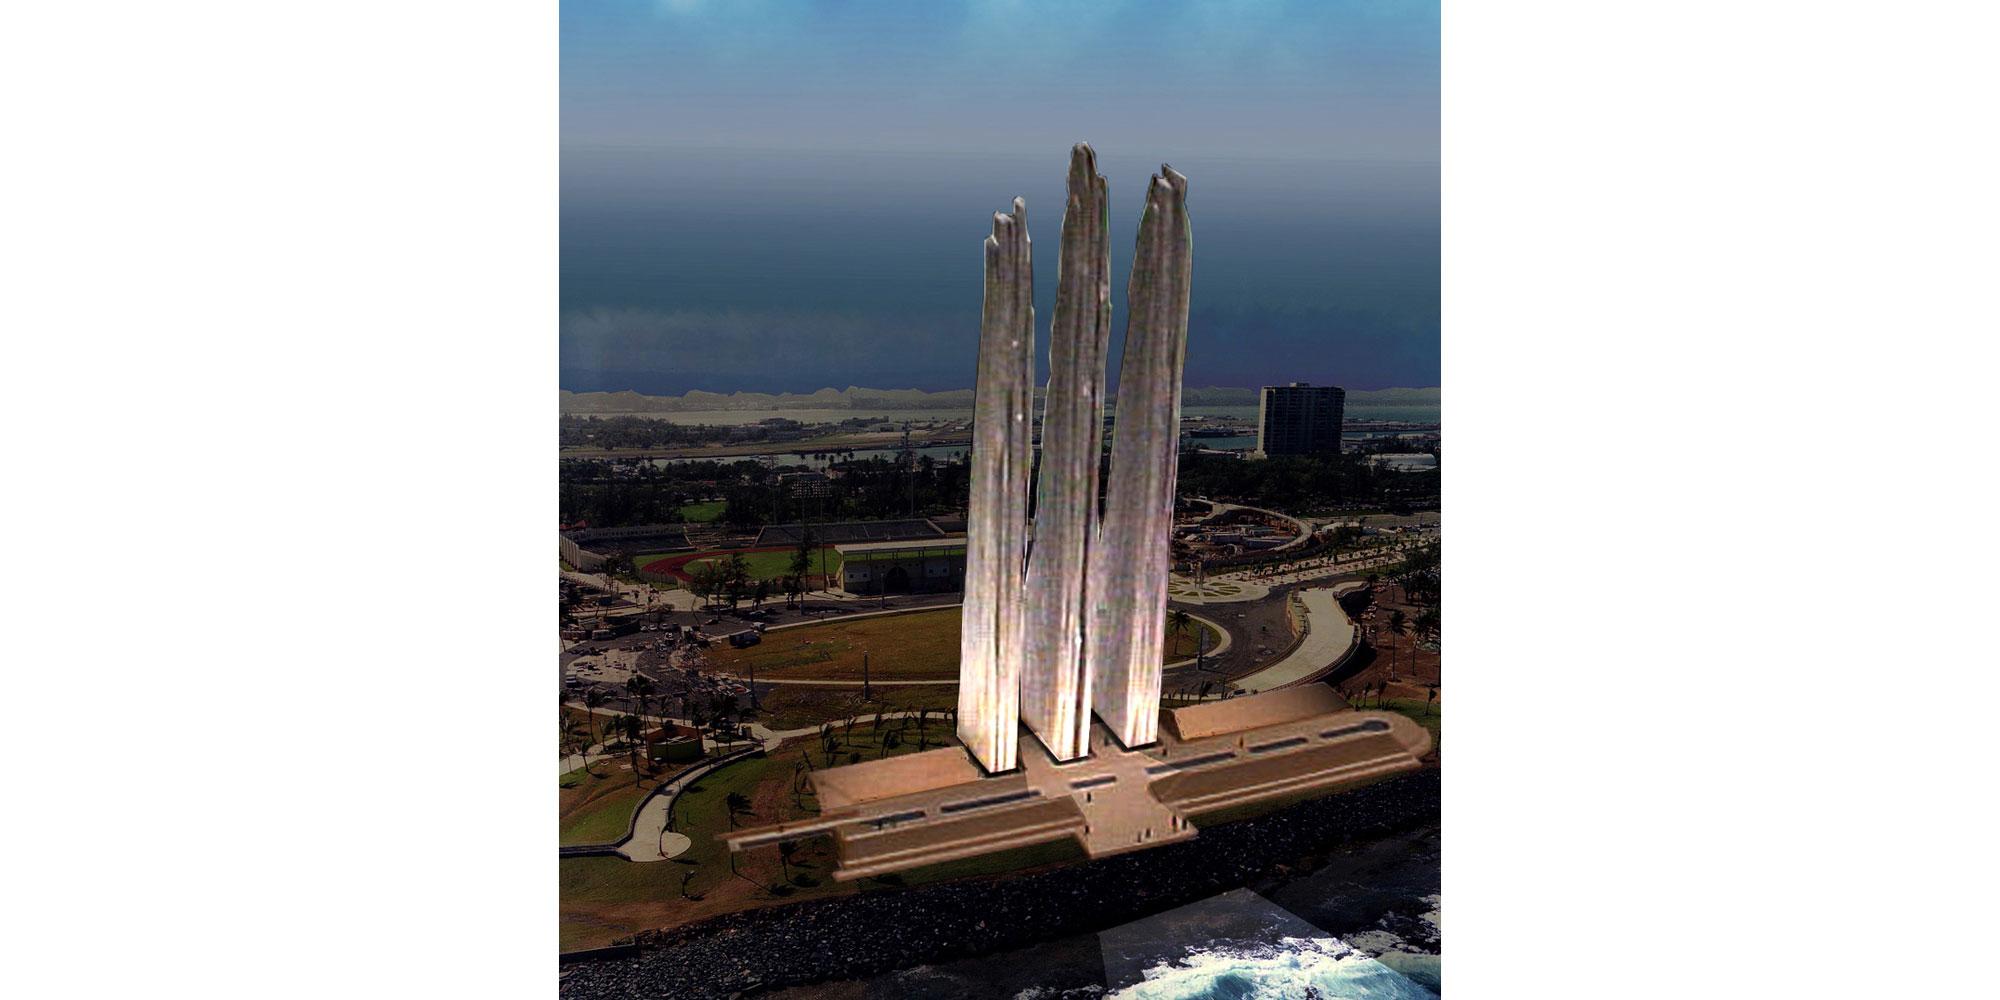 Monument to the Third Millennium